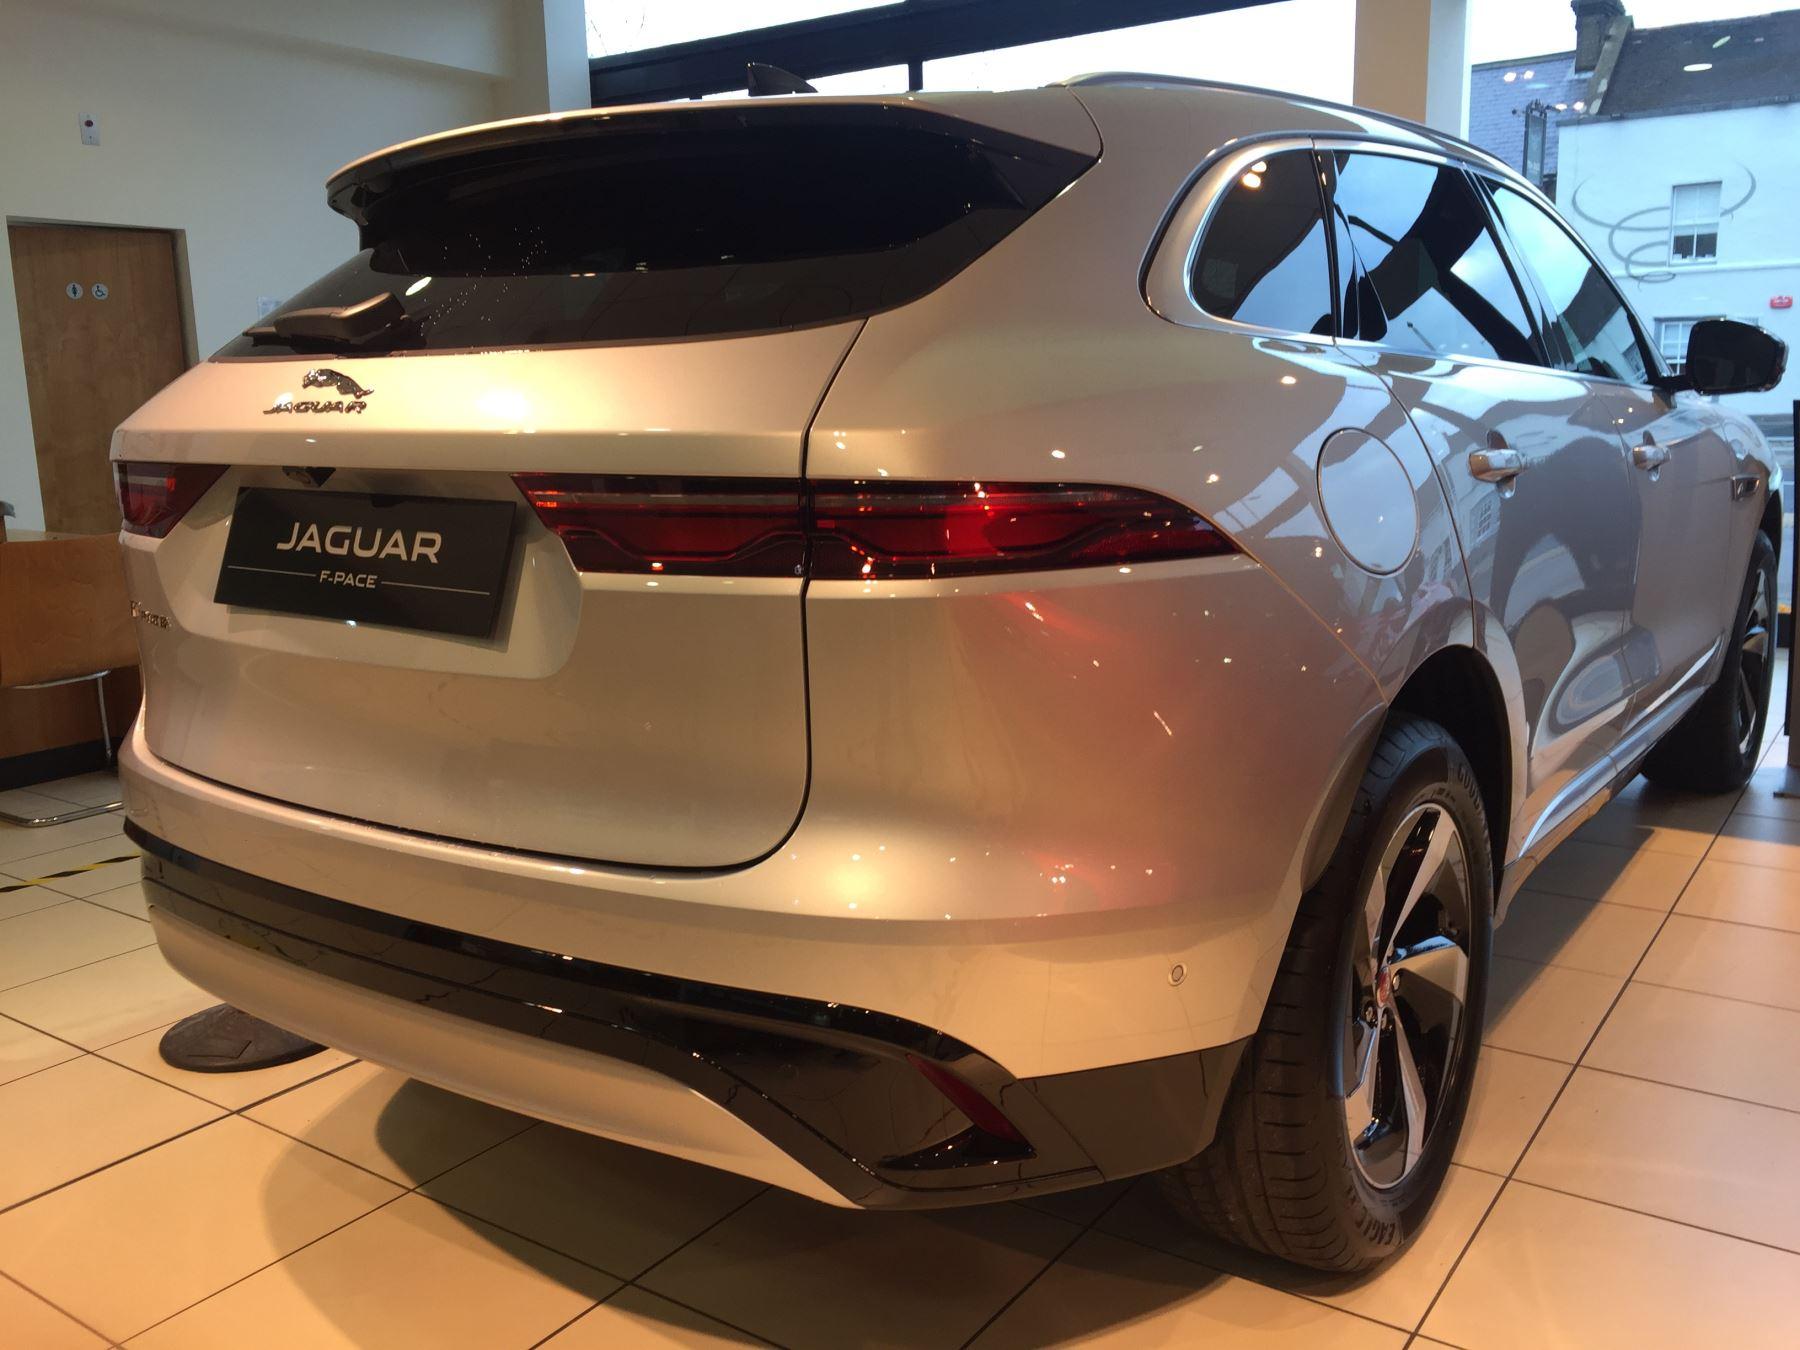 Jaguar F-PACE 2.0 D200 S AWD image 3